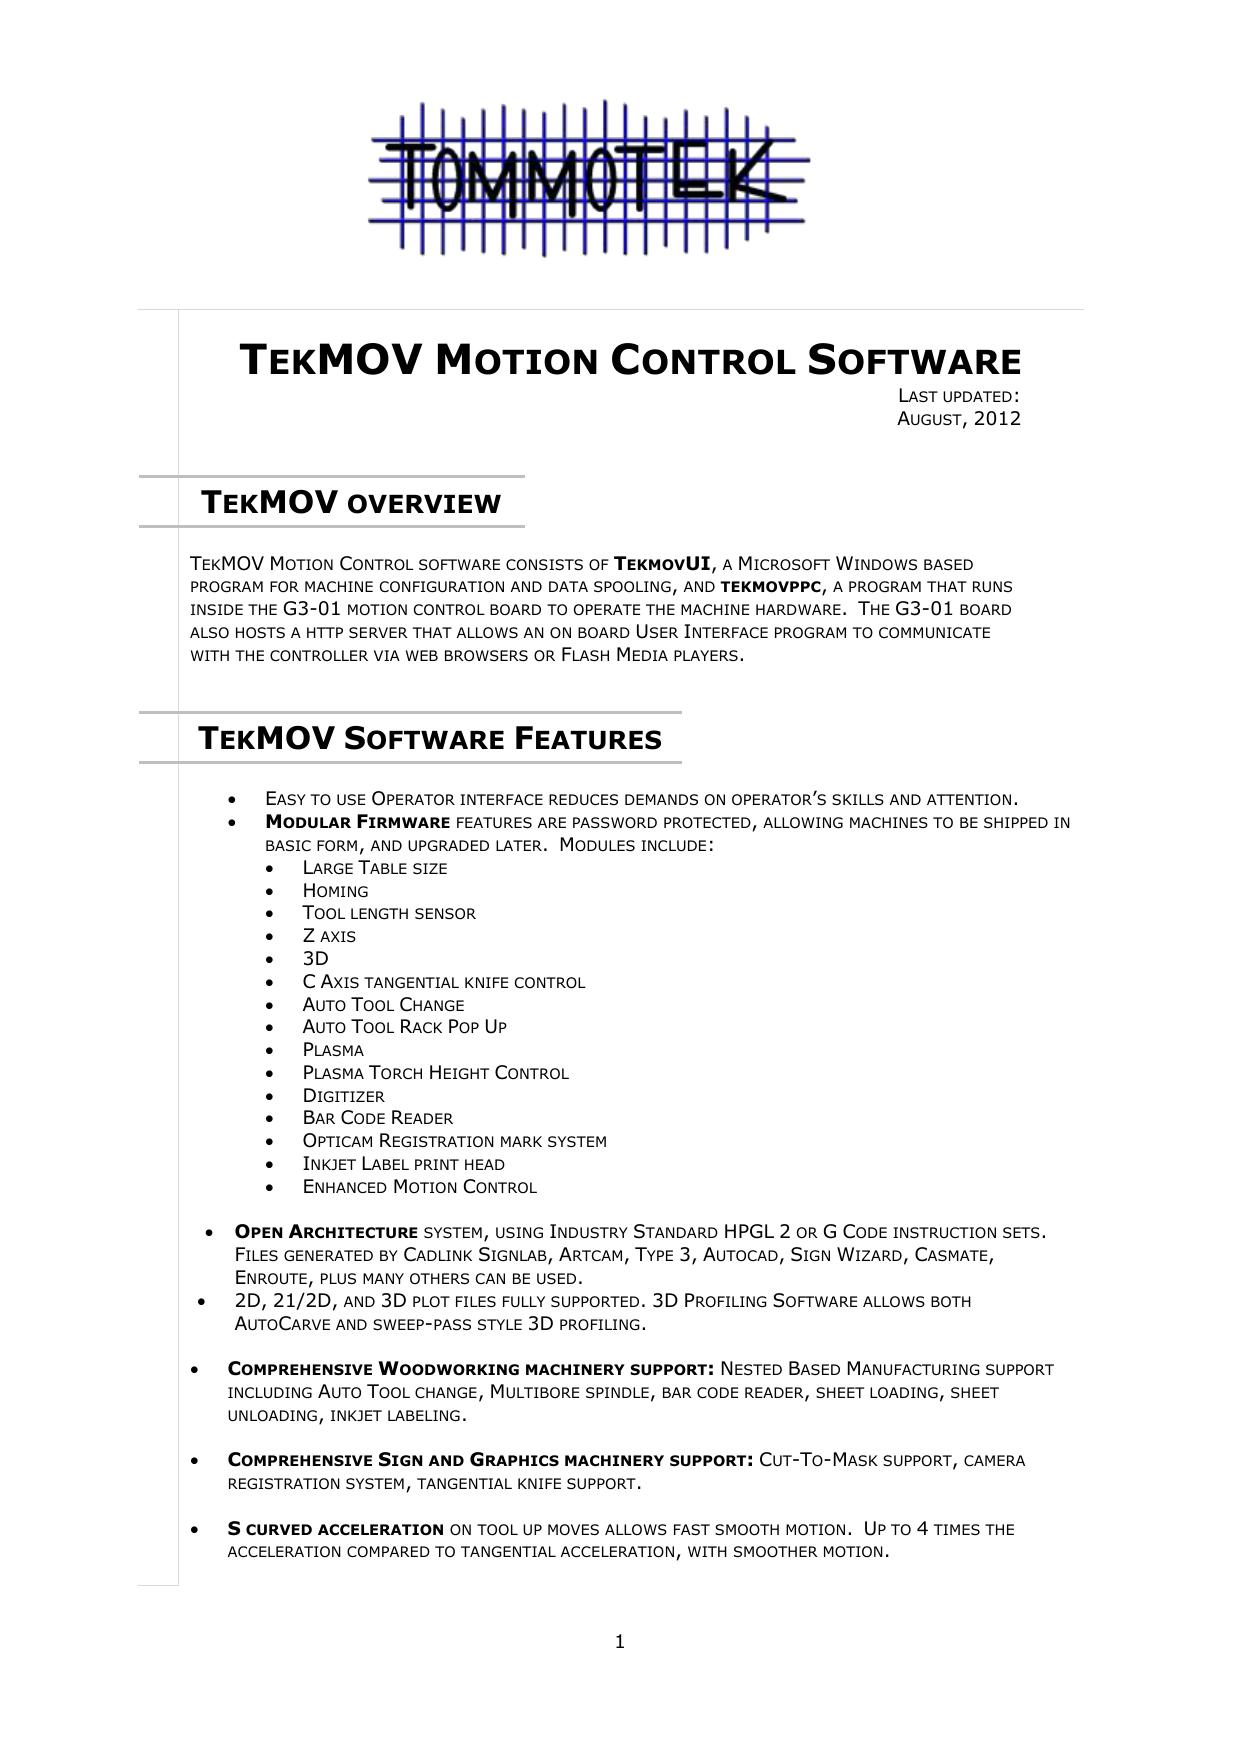 tekmov motion control software | manualzz com